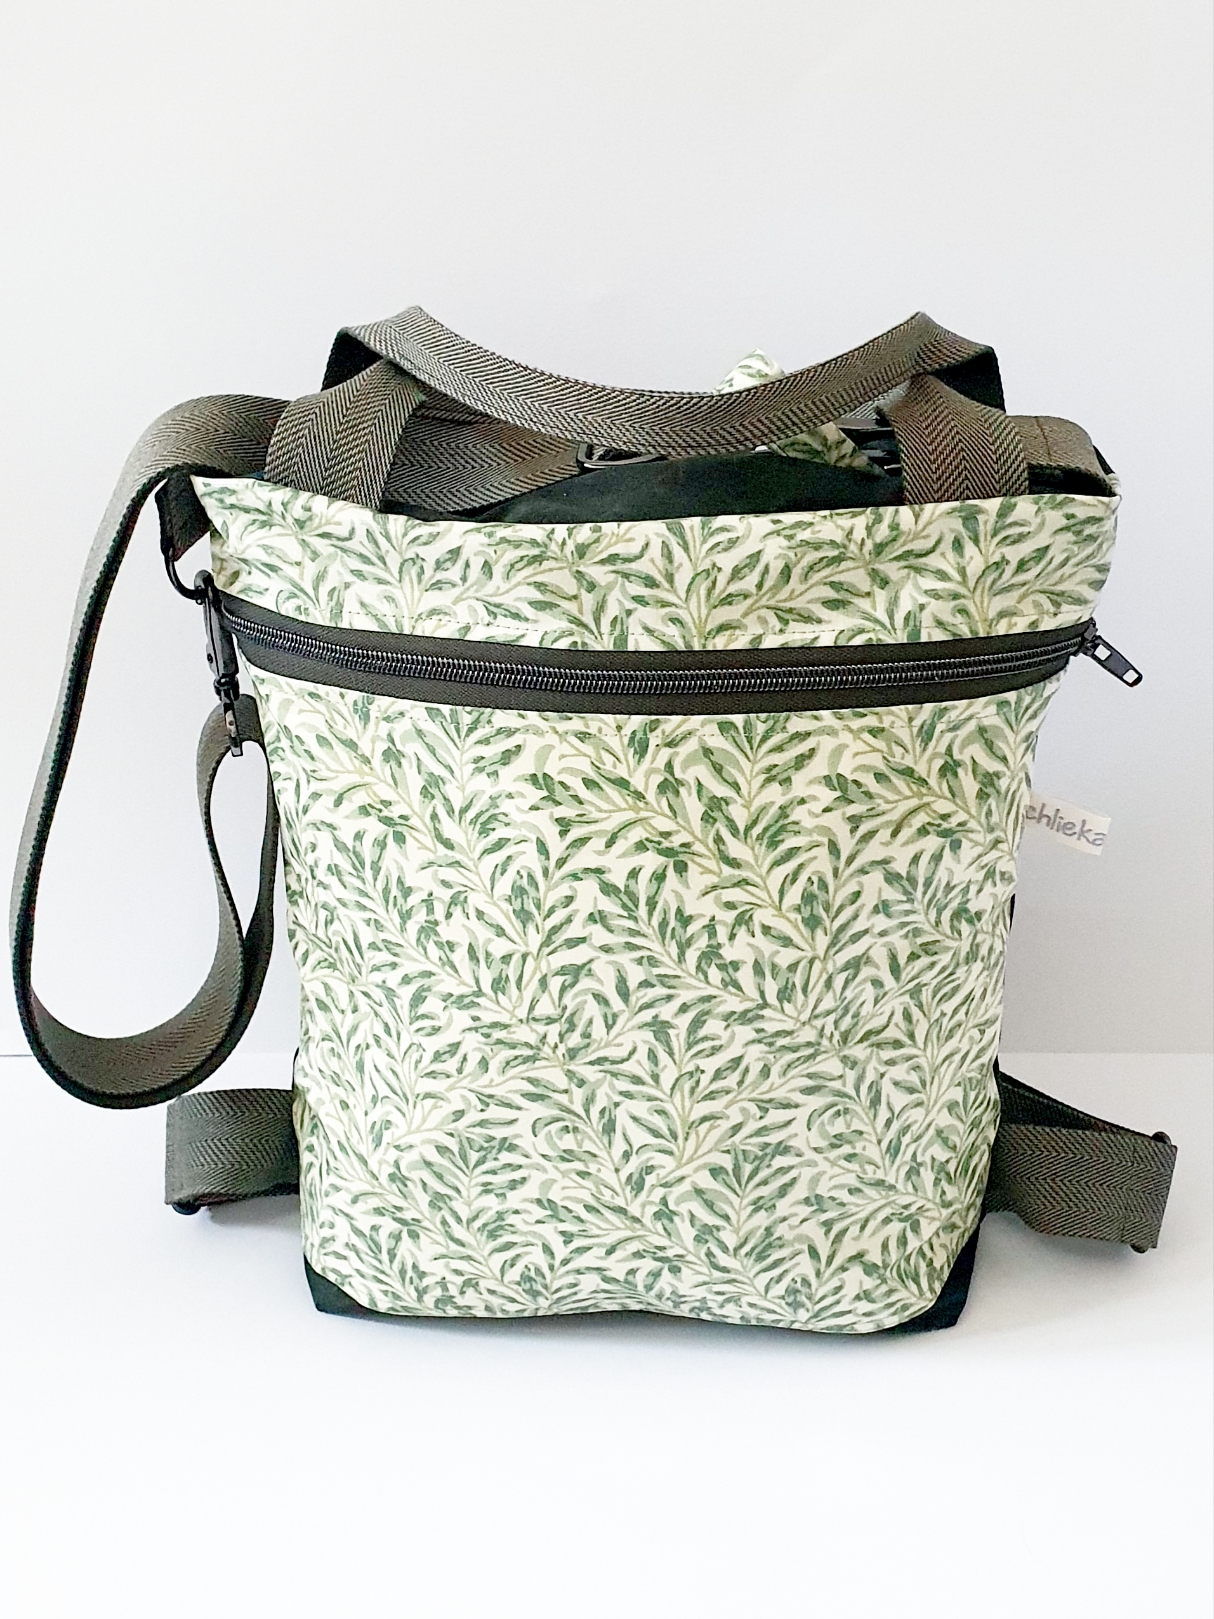 3in1 Bag M, Oilskin kombiniert mit Wachstuch, verkauft